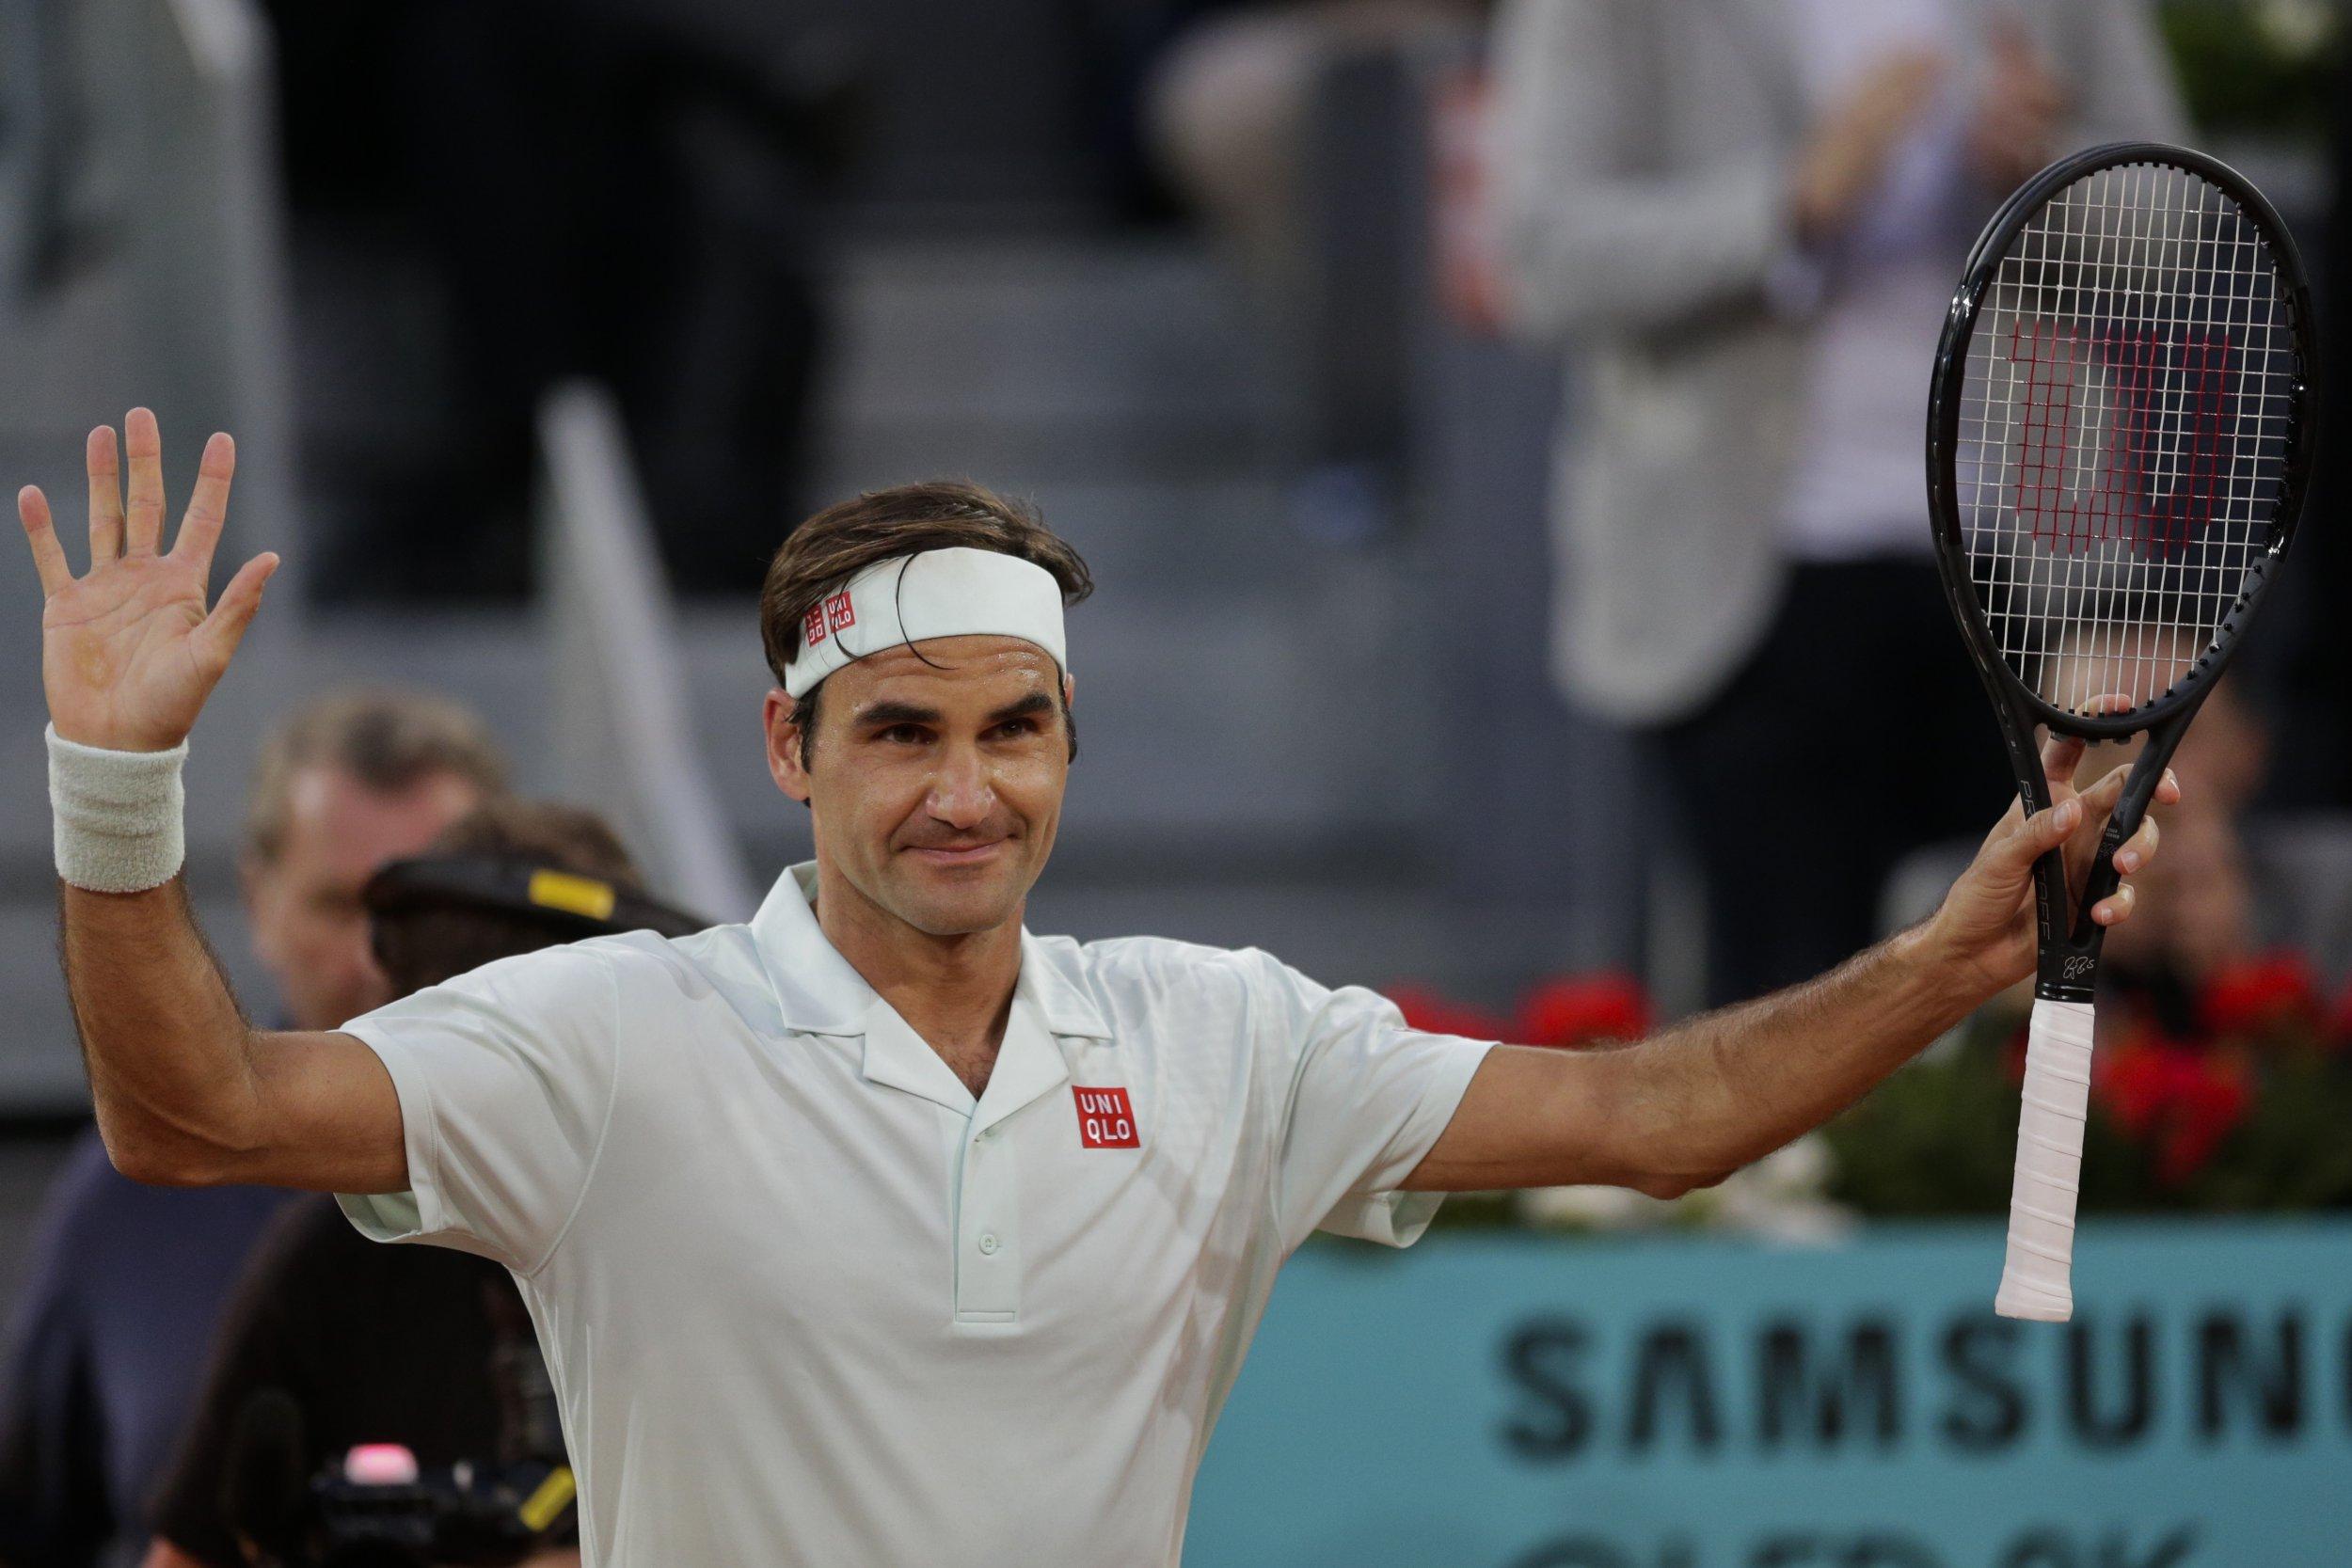 Roger Federer eyes shot at Rafael Nadal at the Madrid Open